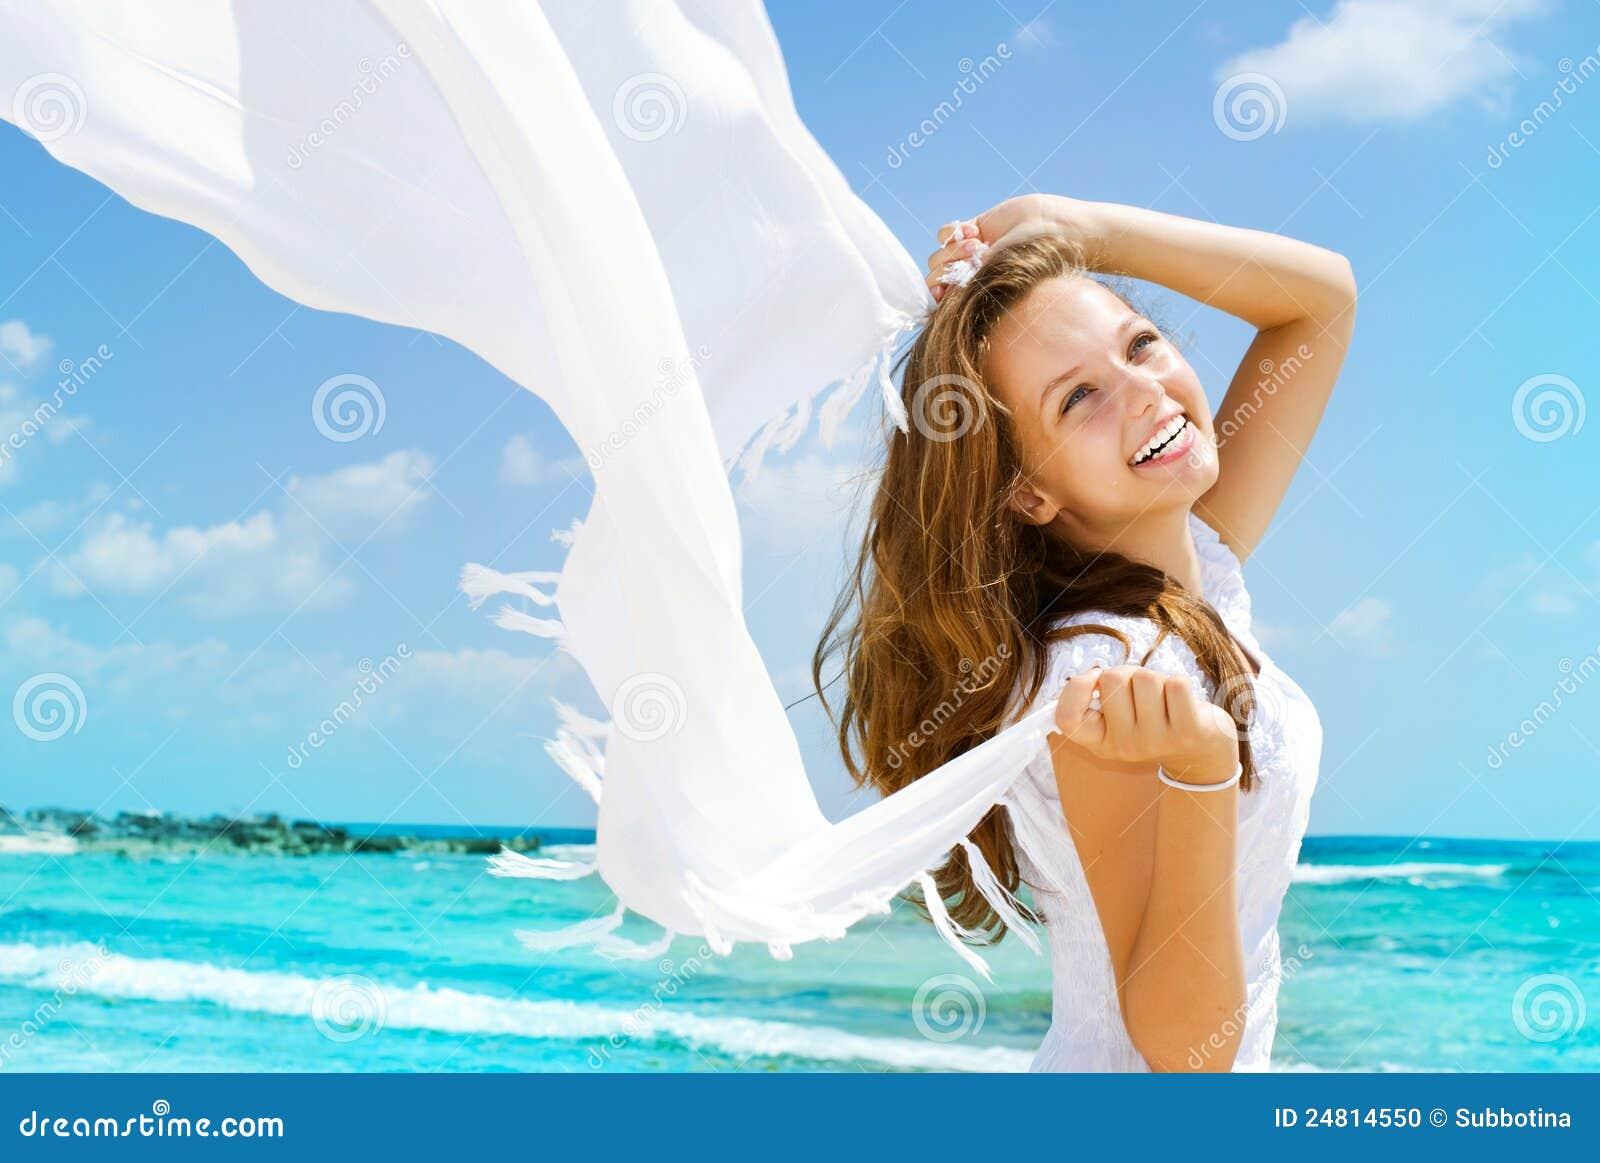 Girl Having Fun on the Beach